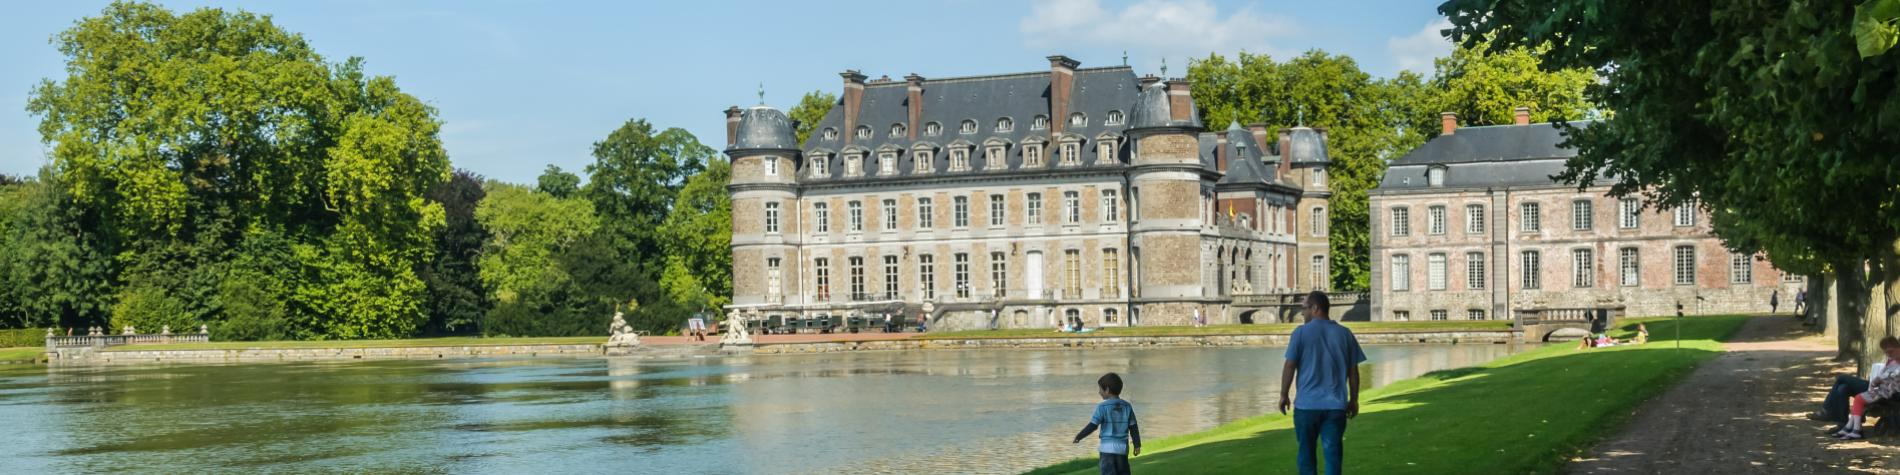 Découvrez le Château de Beloeil et son parc, en province de Hainaut